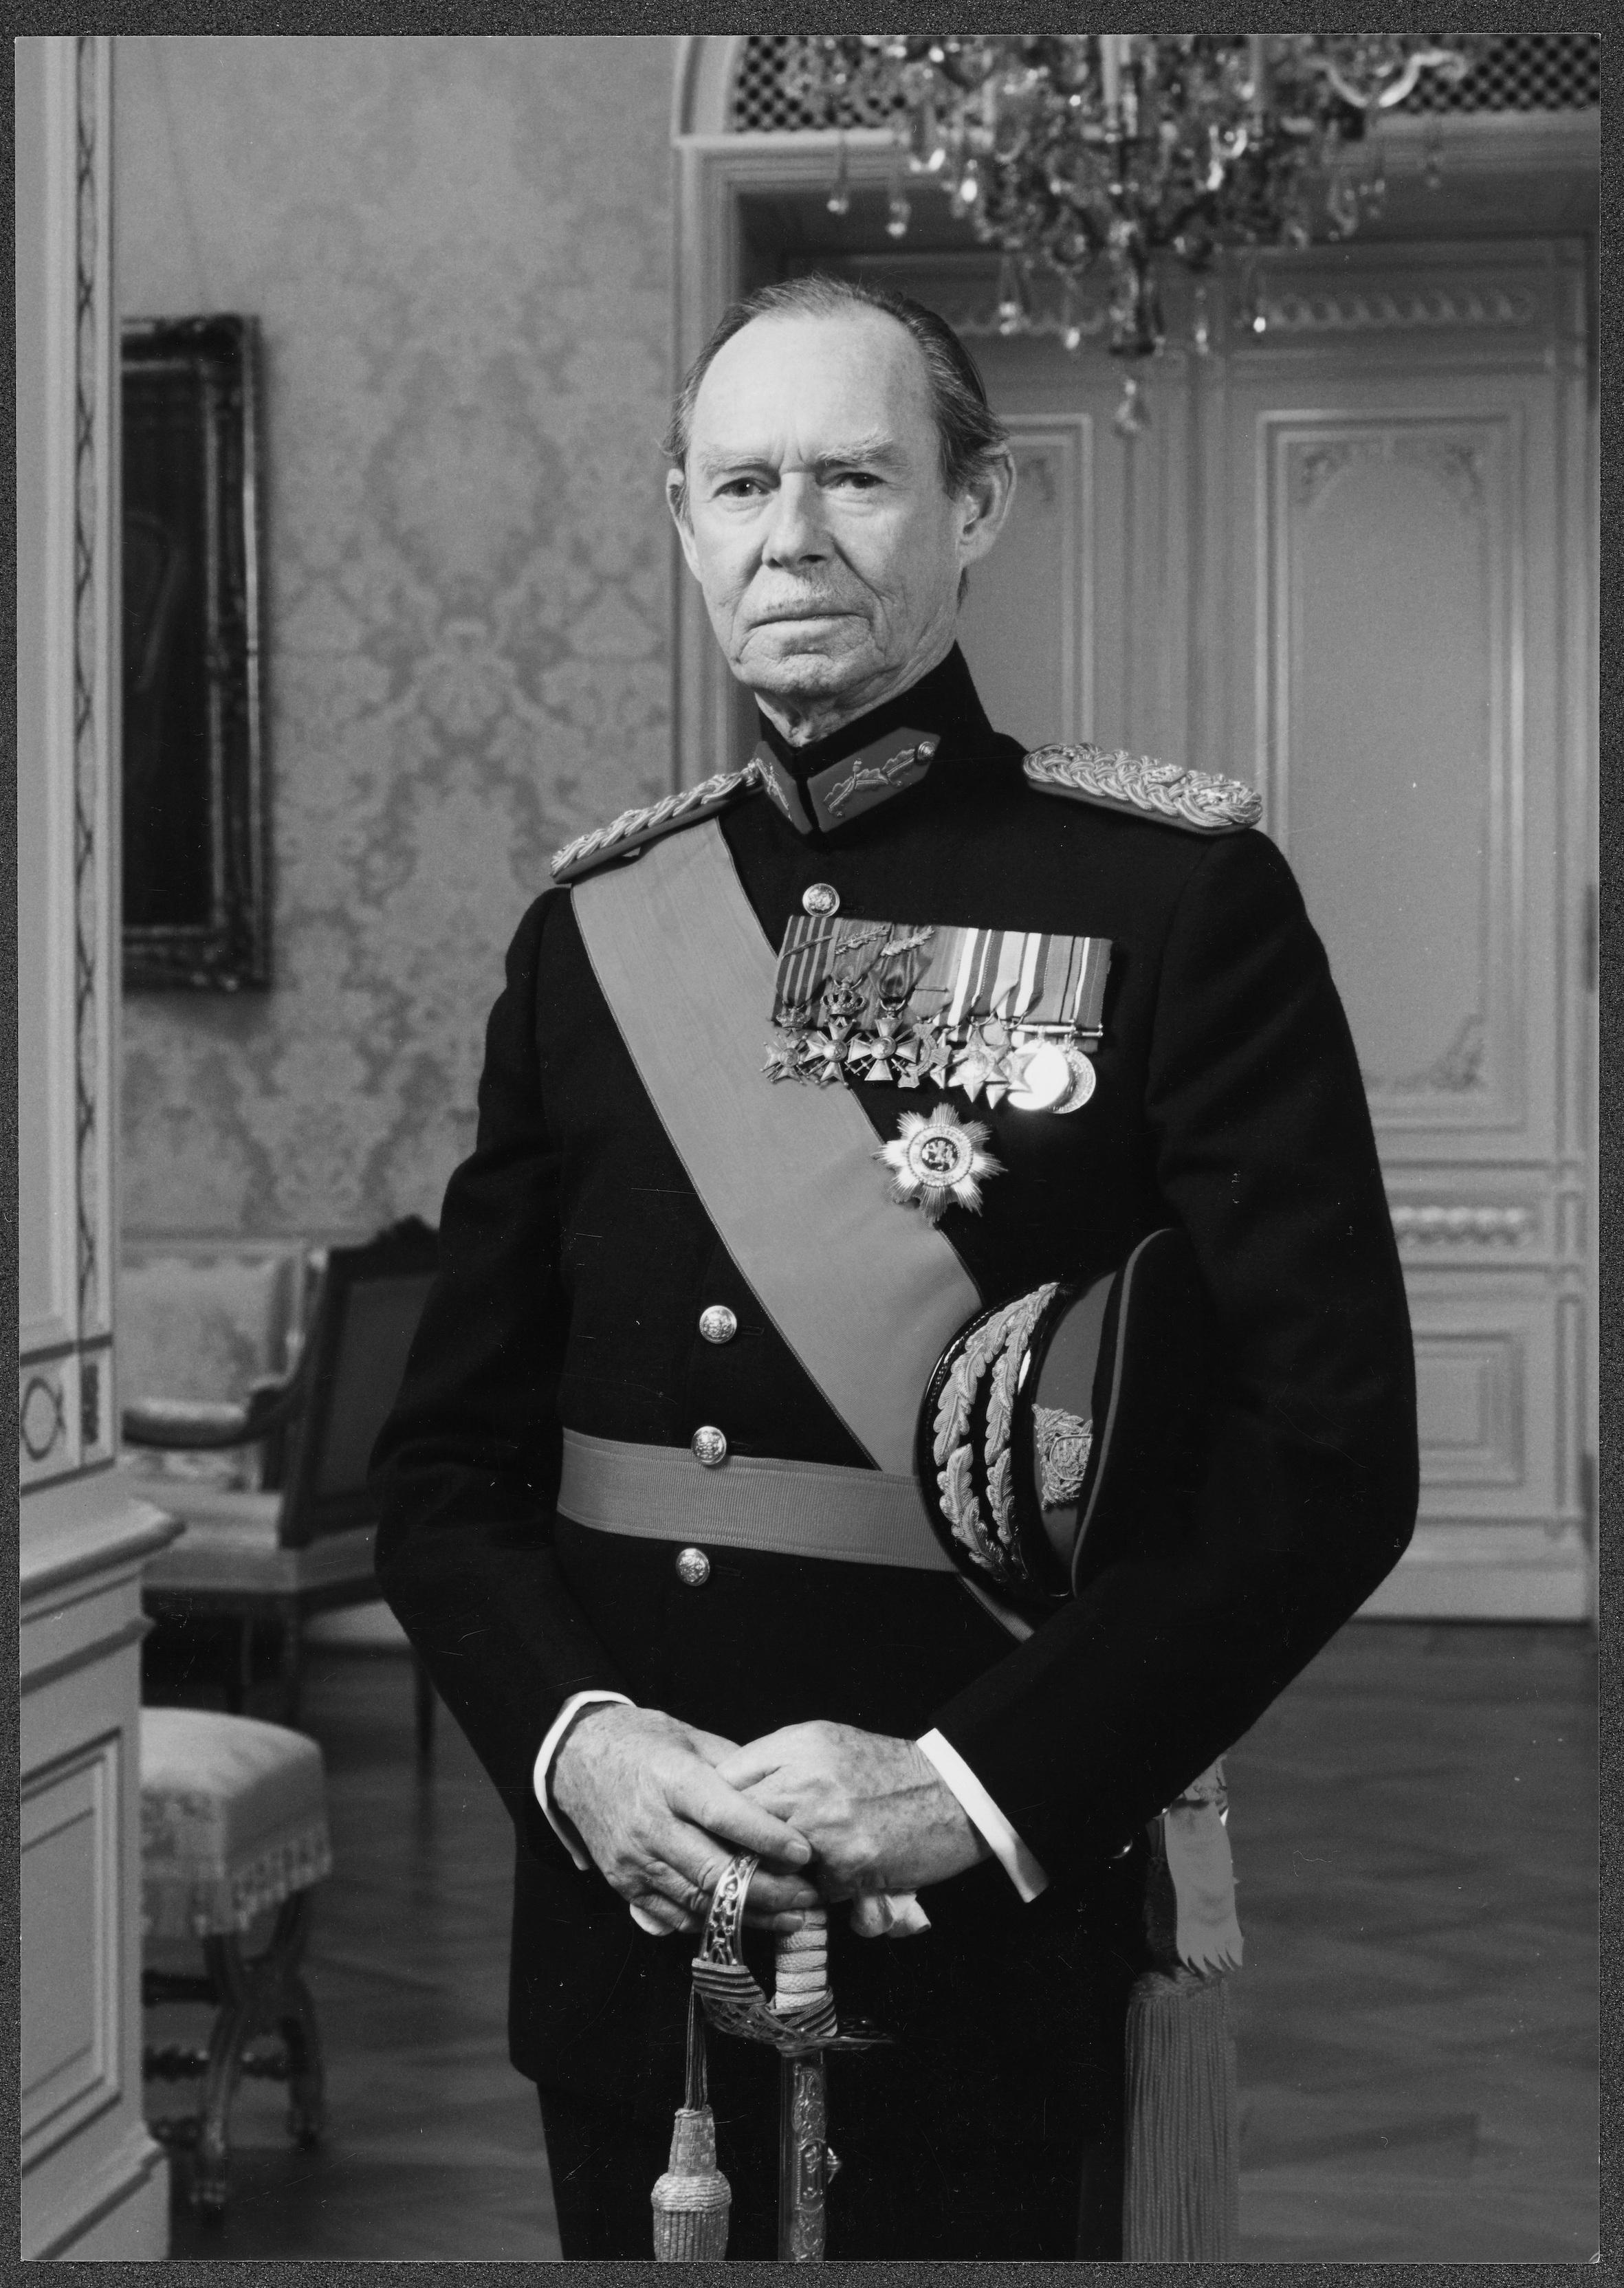 Jean von Luxemburg starb mit 98 Jahren.  ©Cour grand-ducale / Jochen Herling